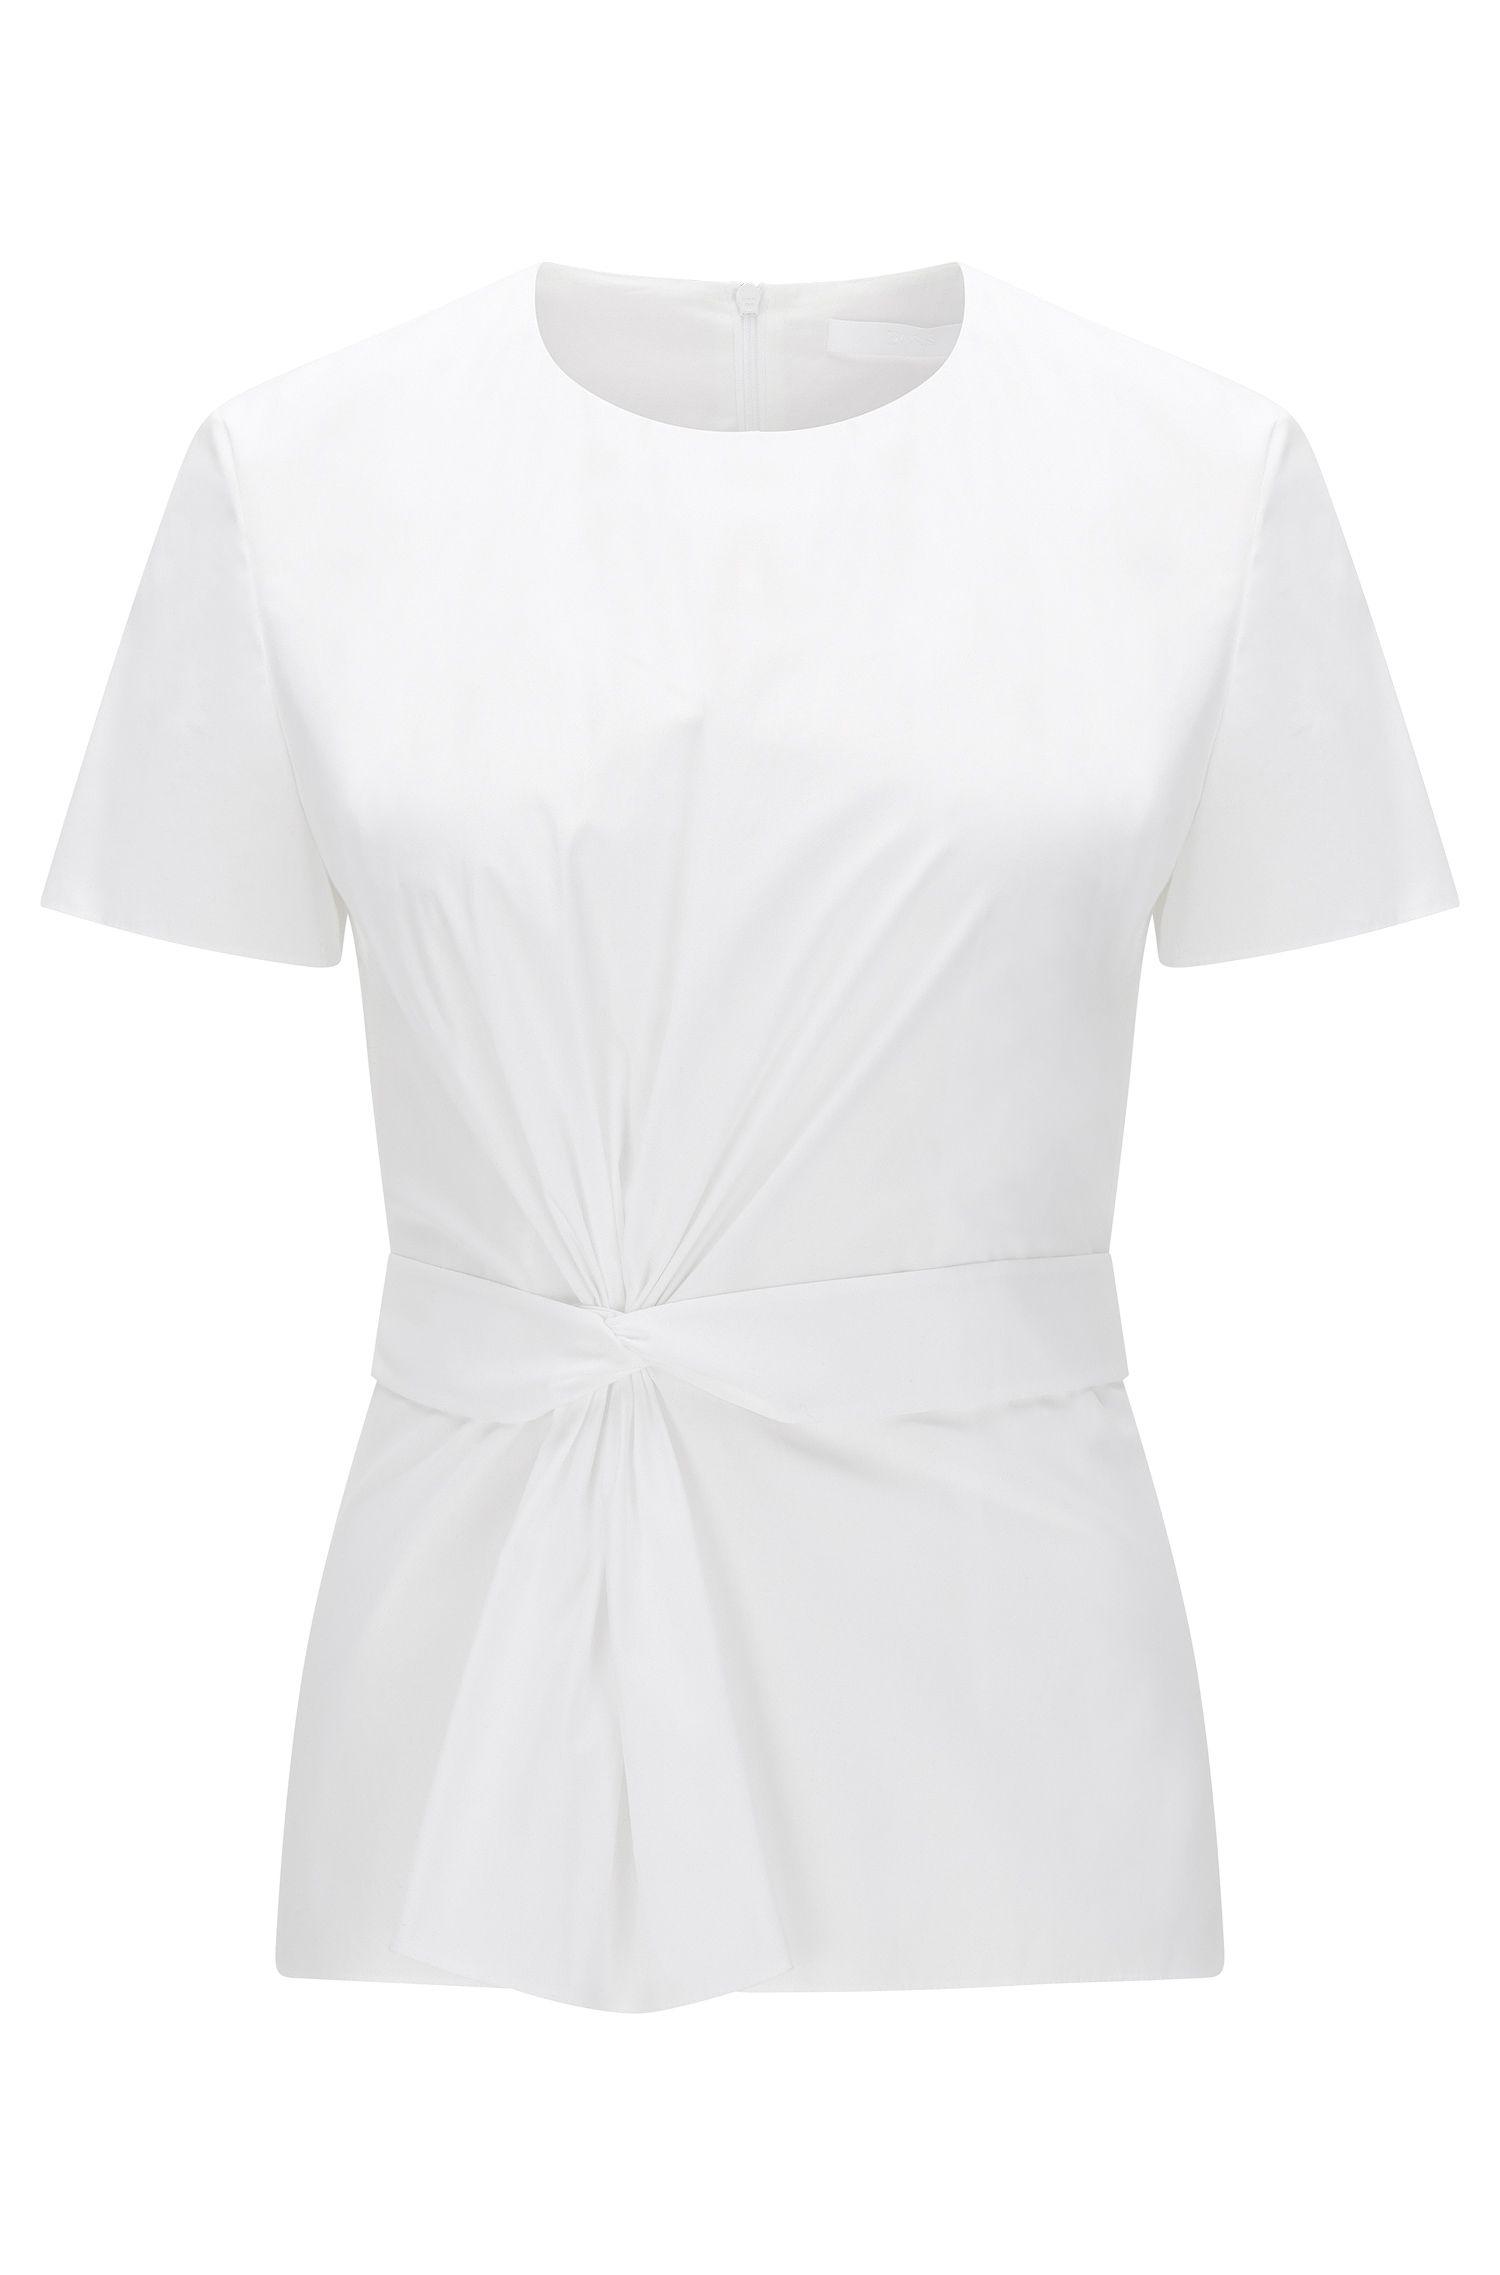 Kurzarm-Top aus Stretch-Baumwolle mit Raff-Detail: 'Igiana'